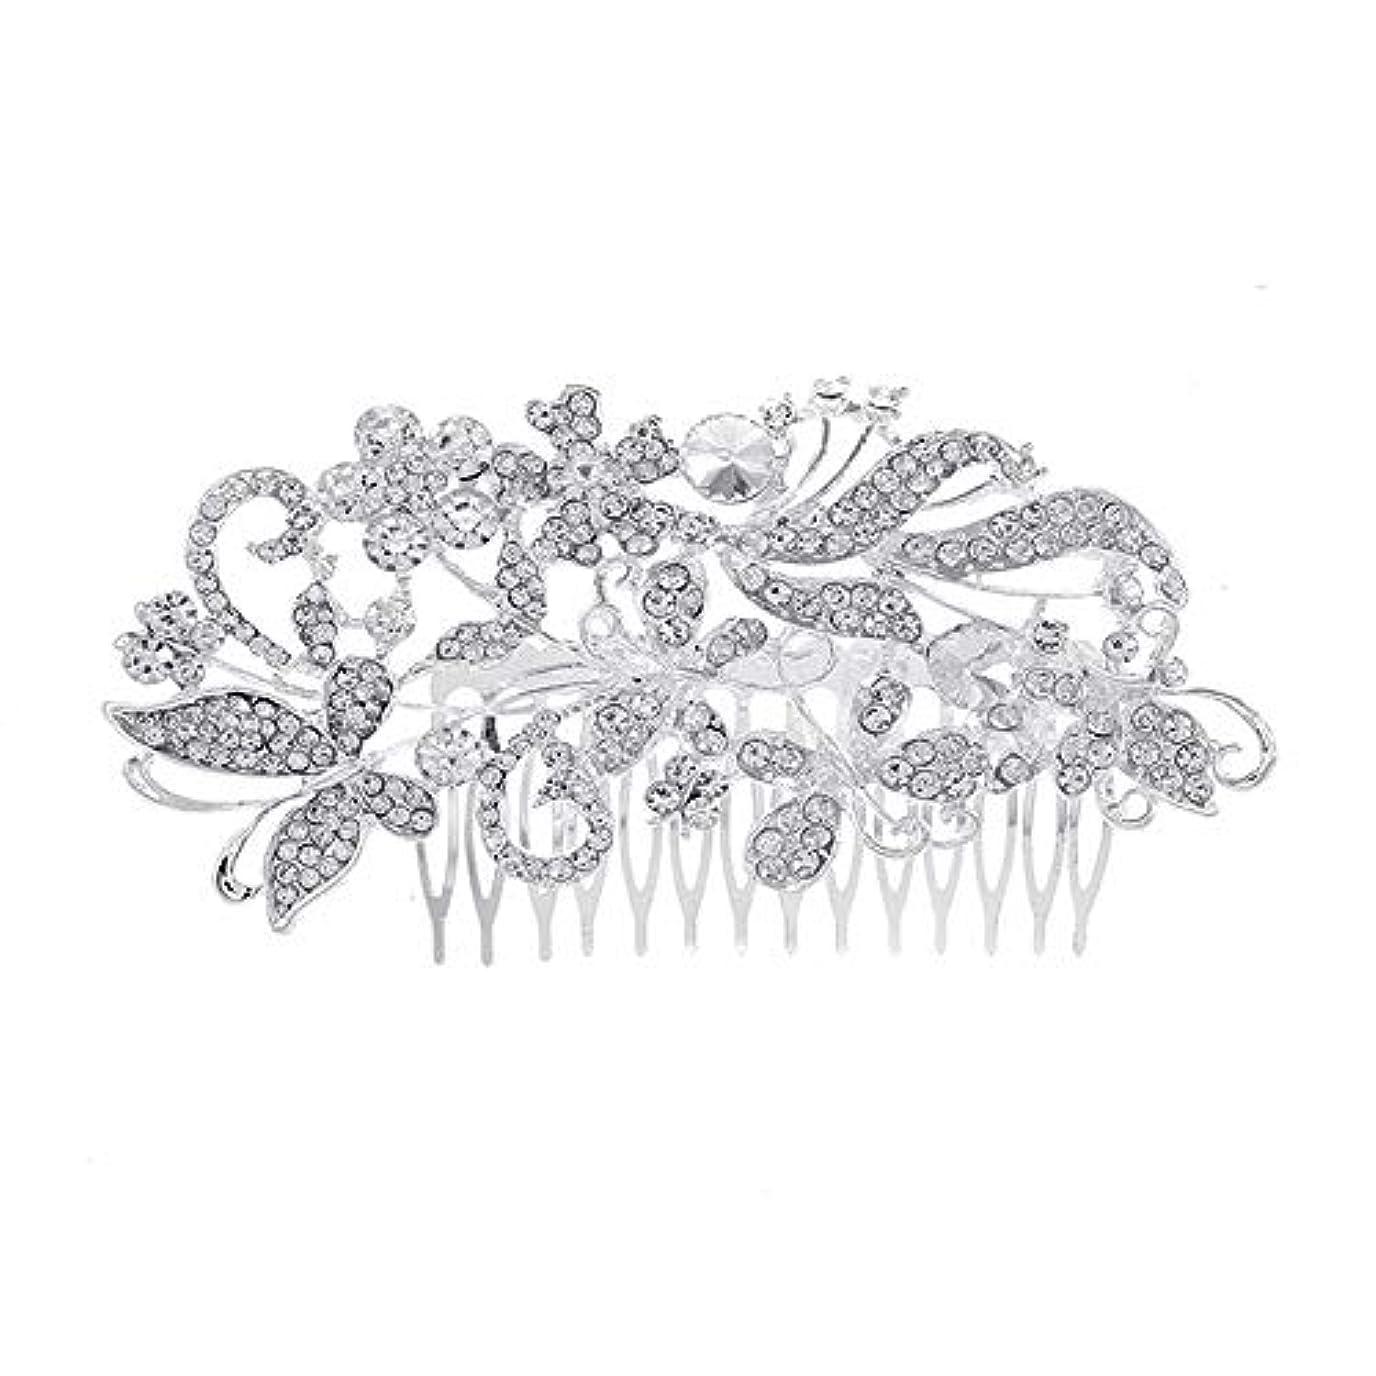 材料合理化郵便屋さん髪の櫛、櫛、花嫁の髪の櫛、亜鉛合金、結婚式のアクセサリー、櫛